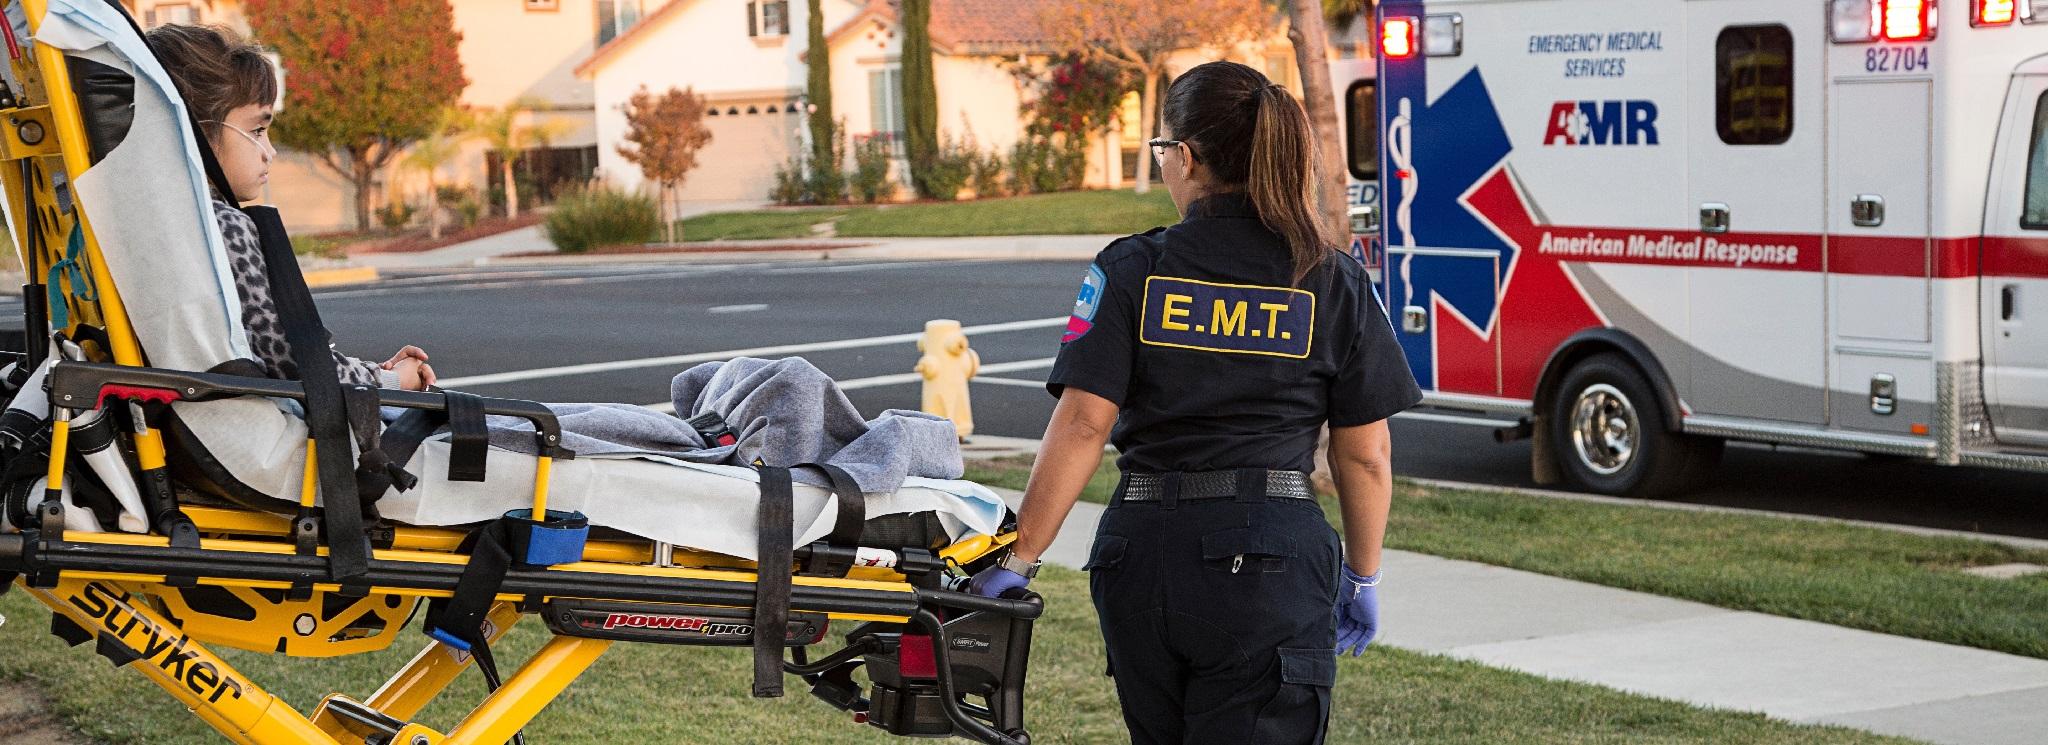 IFT EMT Image